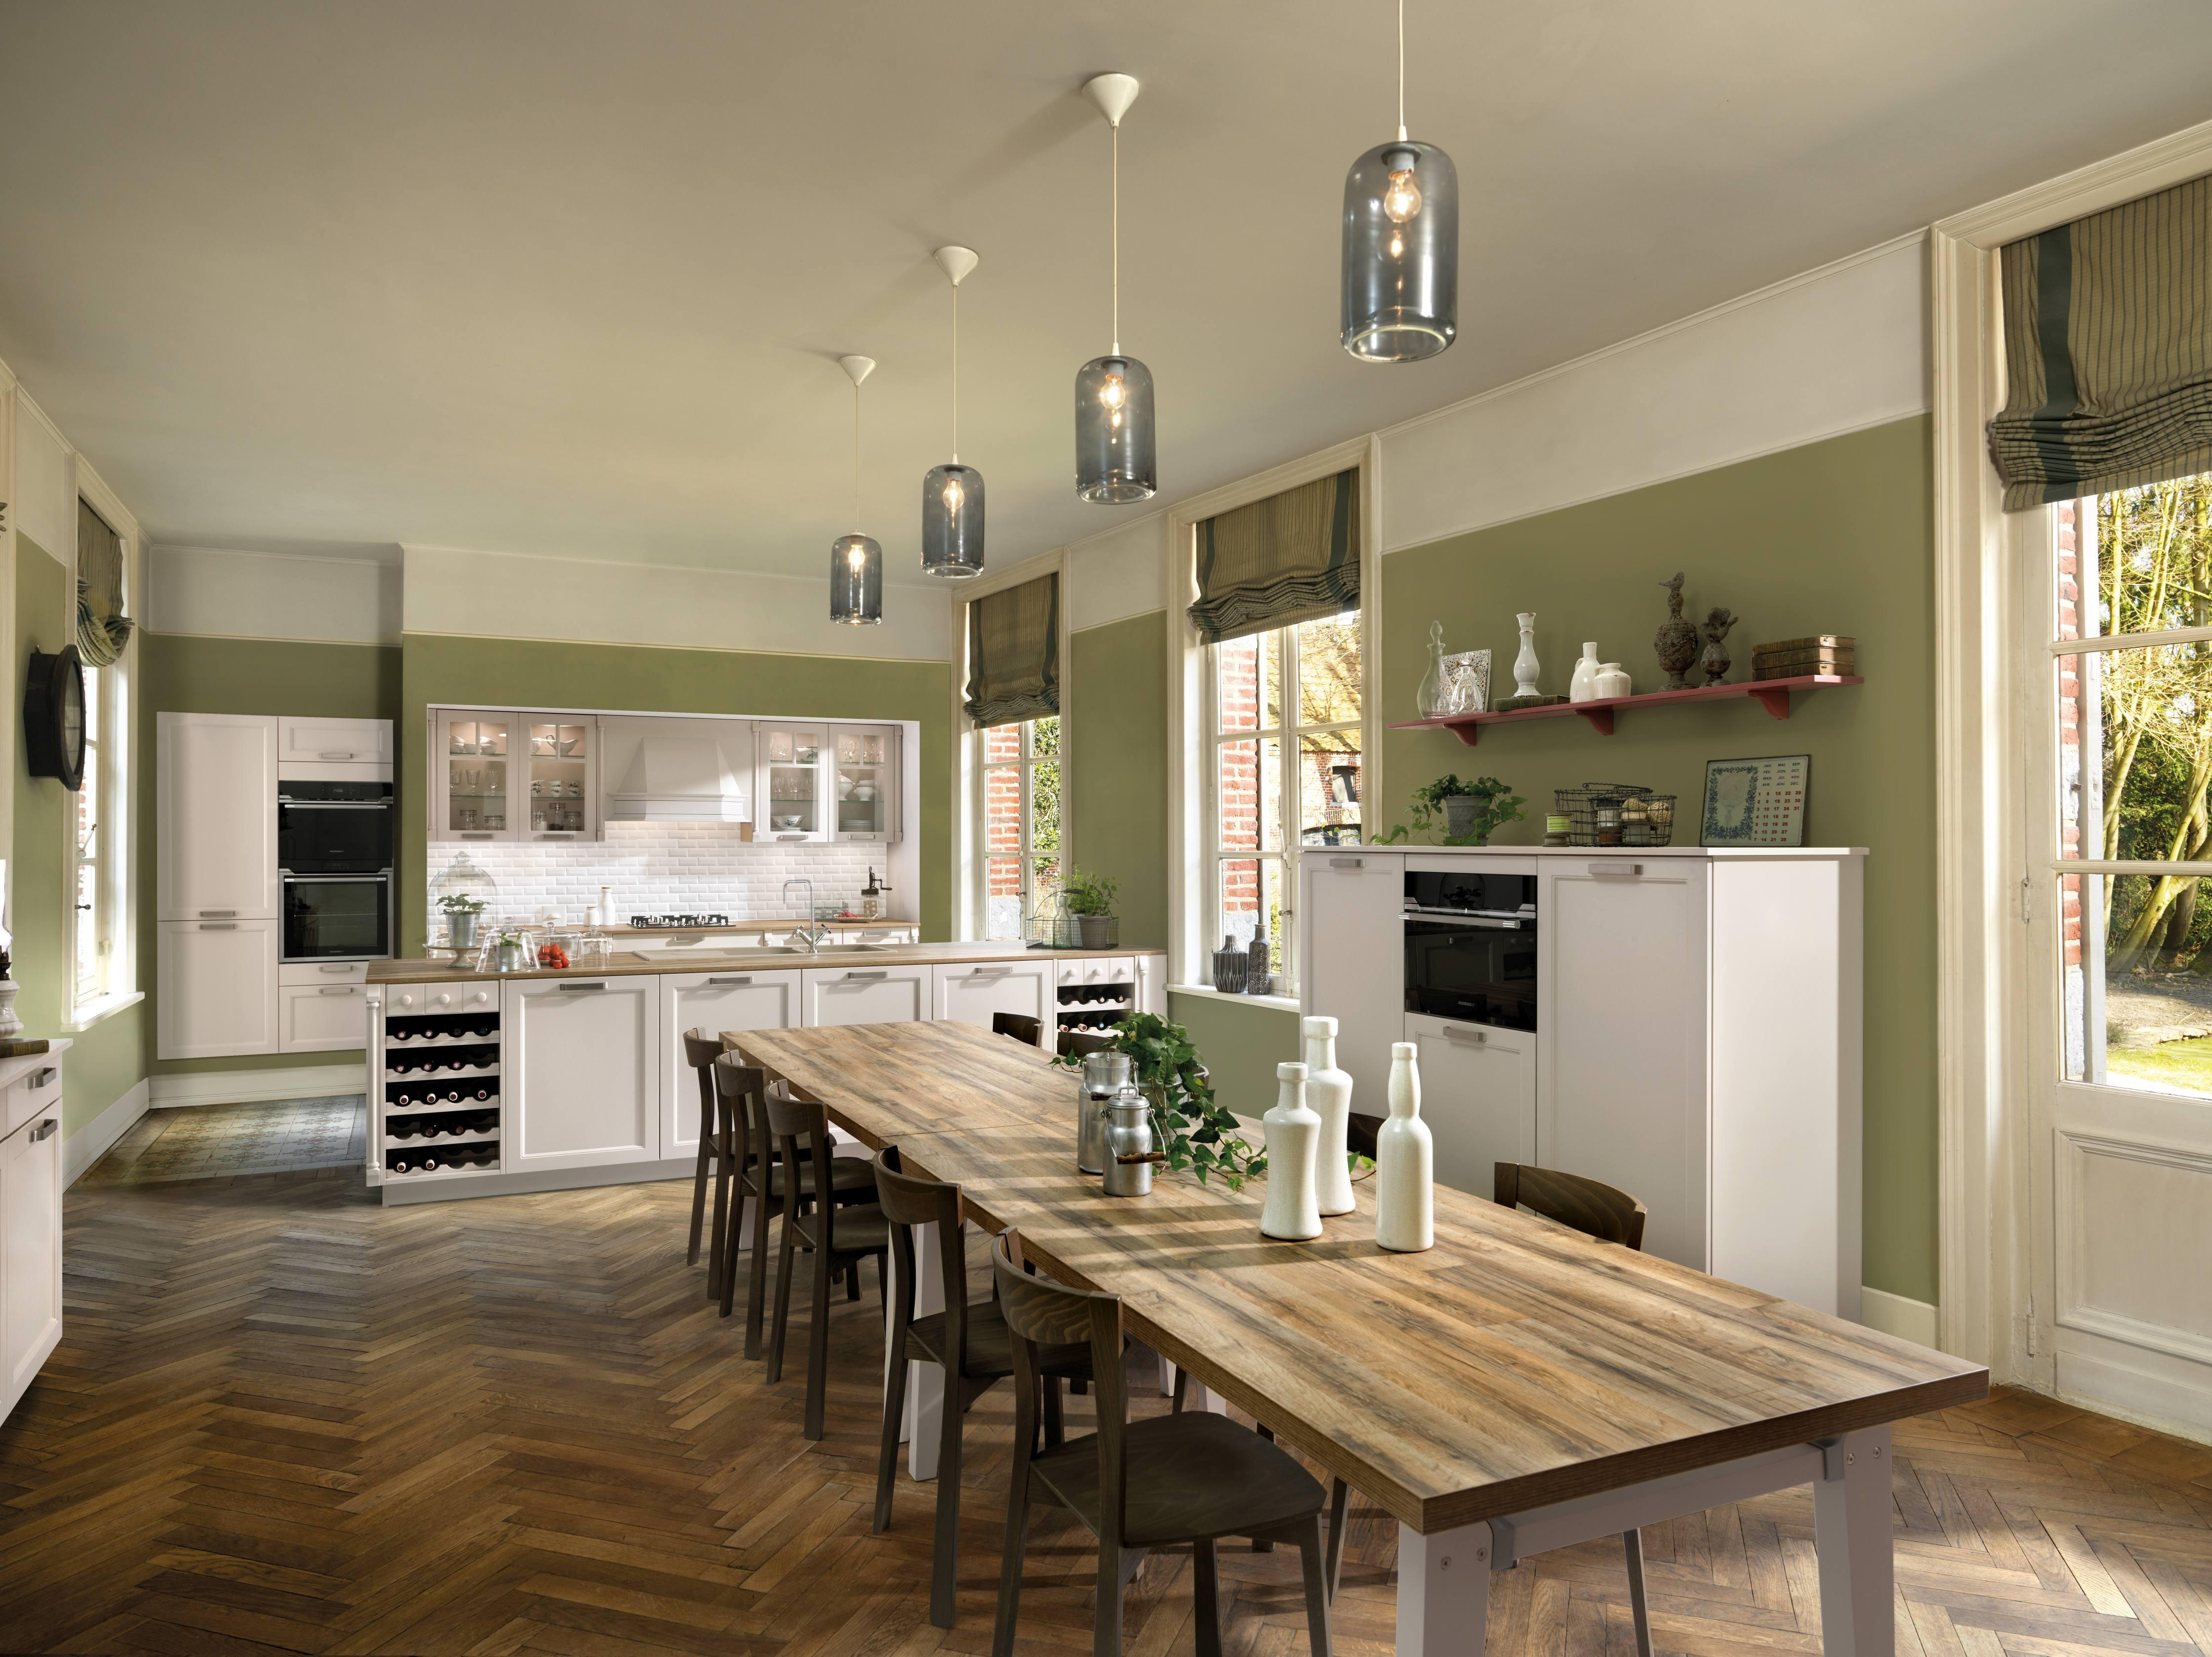 Kleine Landhausküchen küchen im landhausstil bilder ideen couchstyle